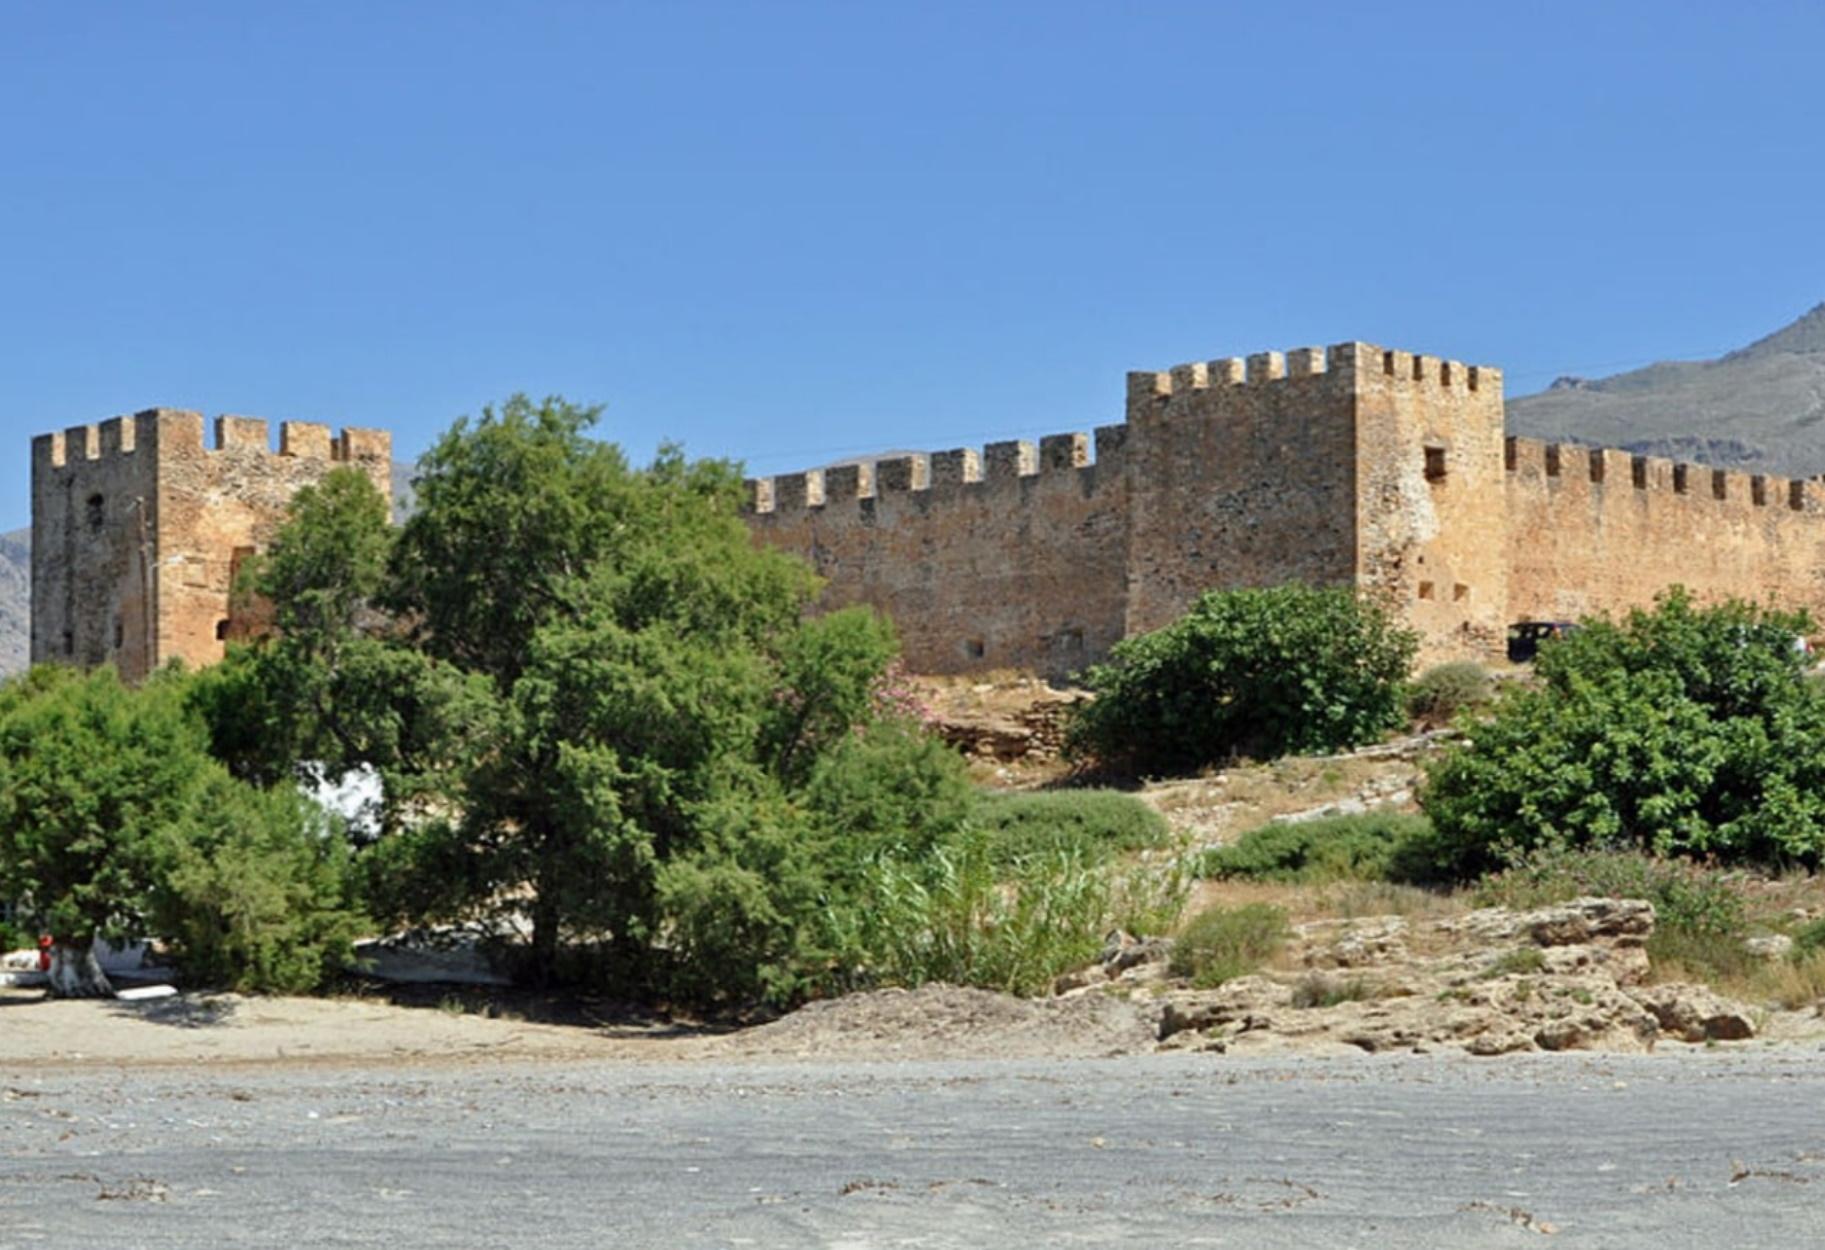 Το ελληνικό κάστρο και ο μύθος με τους πολεμιστές που ζωντανεύουν